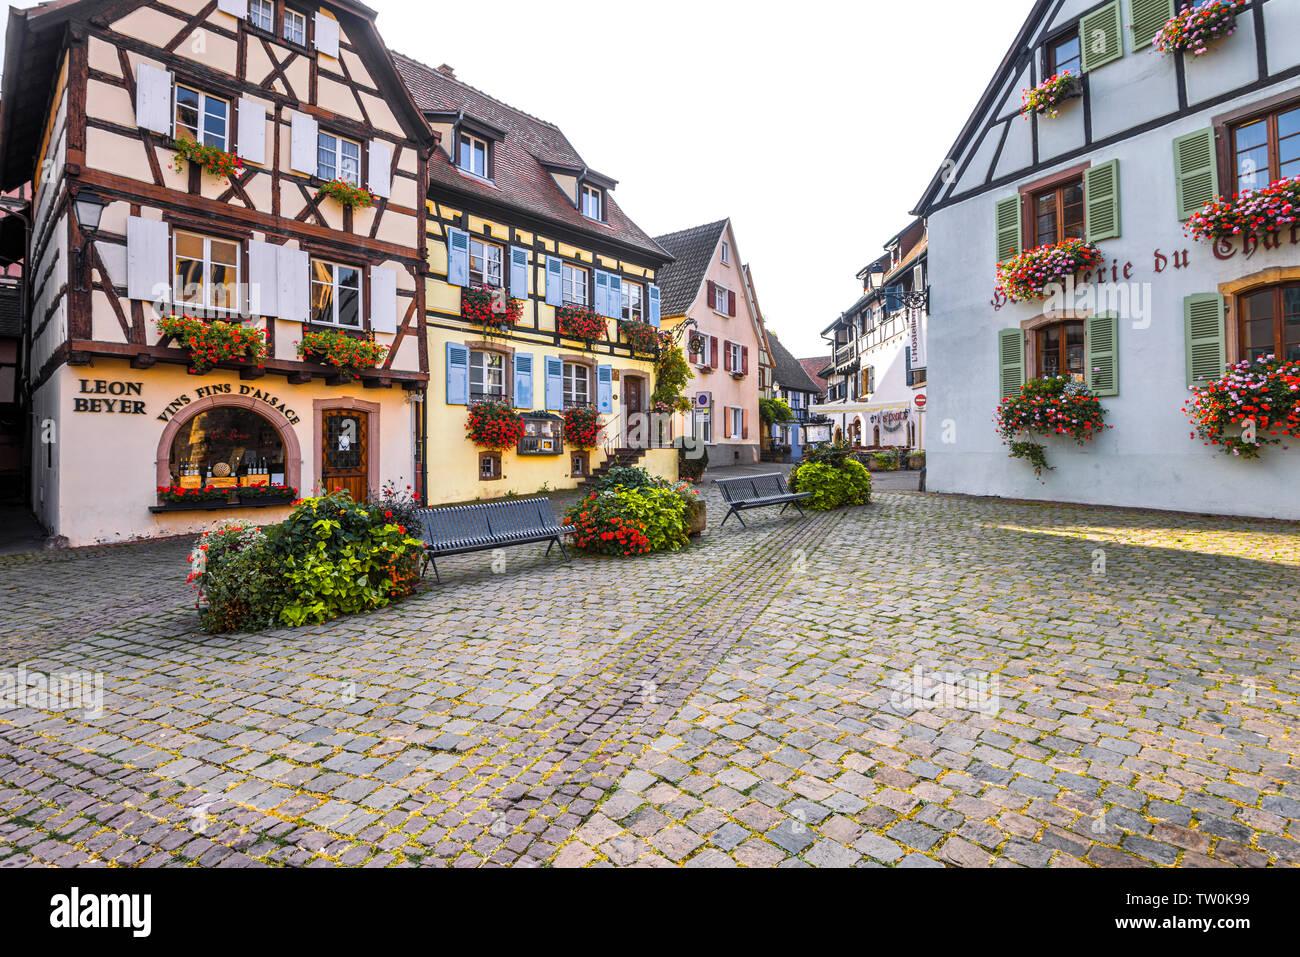 Antigua aldea de Eguisheim, Alsacia, Francia, casas de madera florido Imagen De Stock